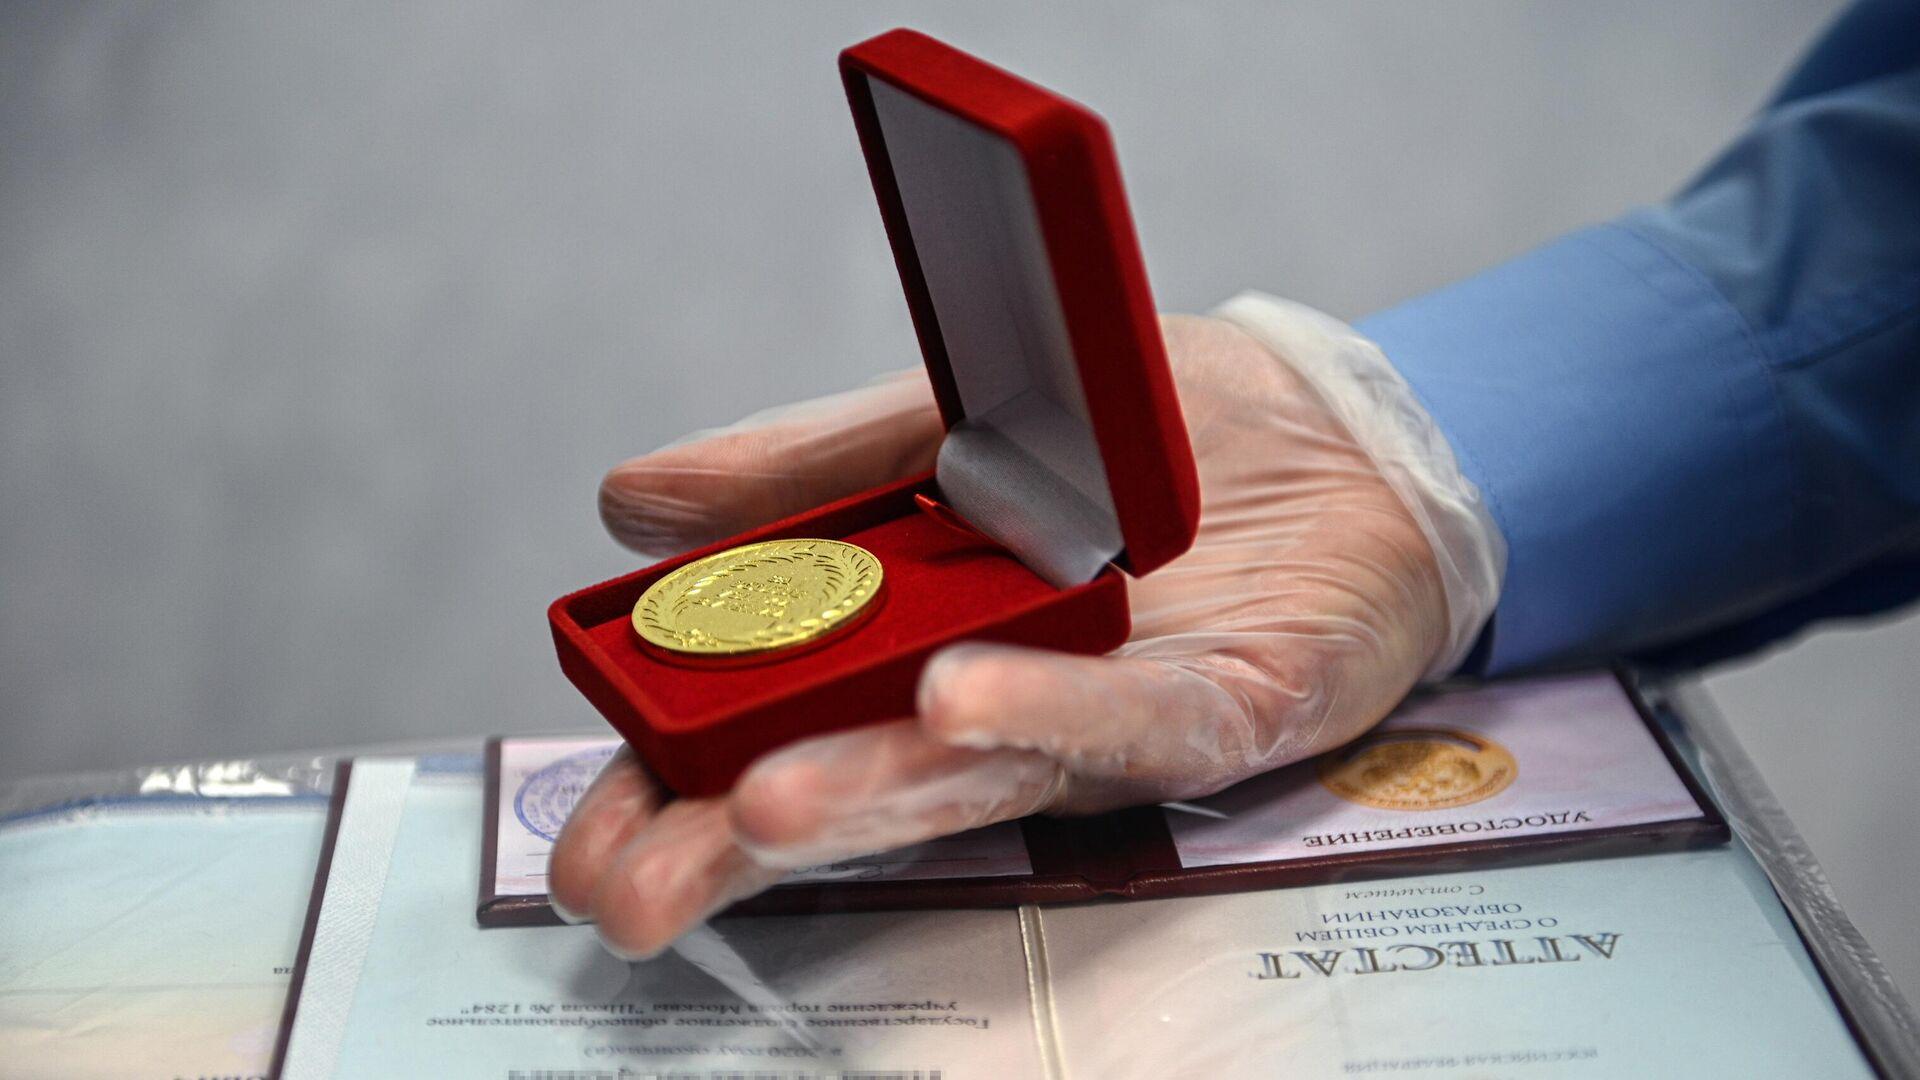 Золотая медаль на церемонии вручения аттестатов в школе в Москве  - РИА Новости, 1920, 25.01.2021